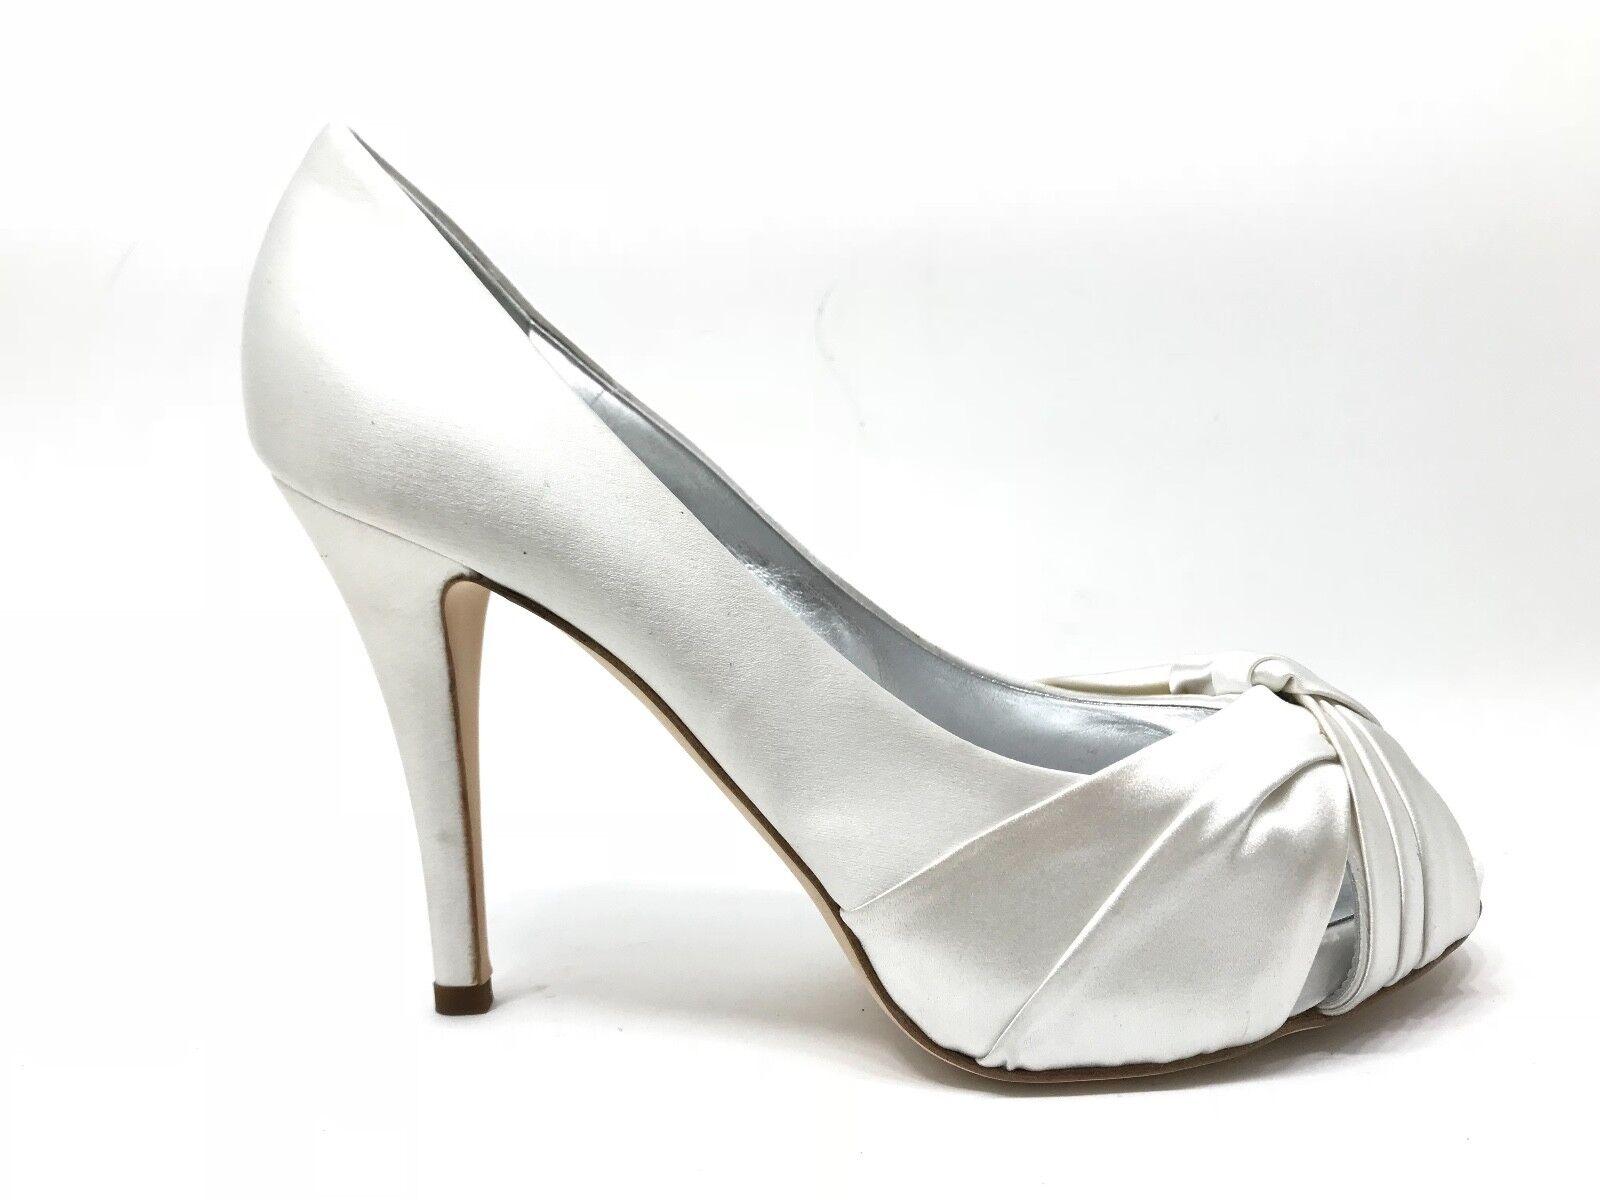 ZZ70 Damenschuhe 40 Pumps Giuseppe Zanotti Satin Weiß Braut Made in